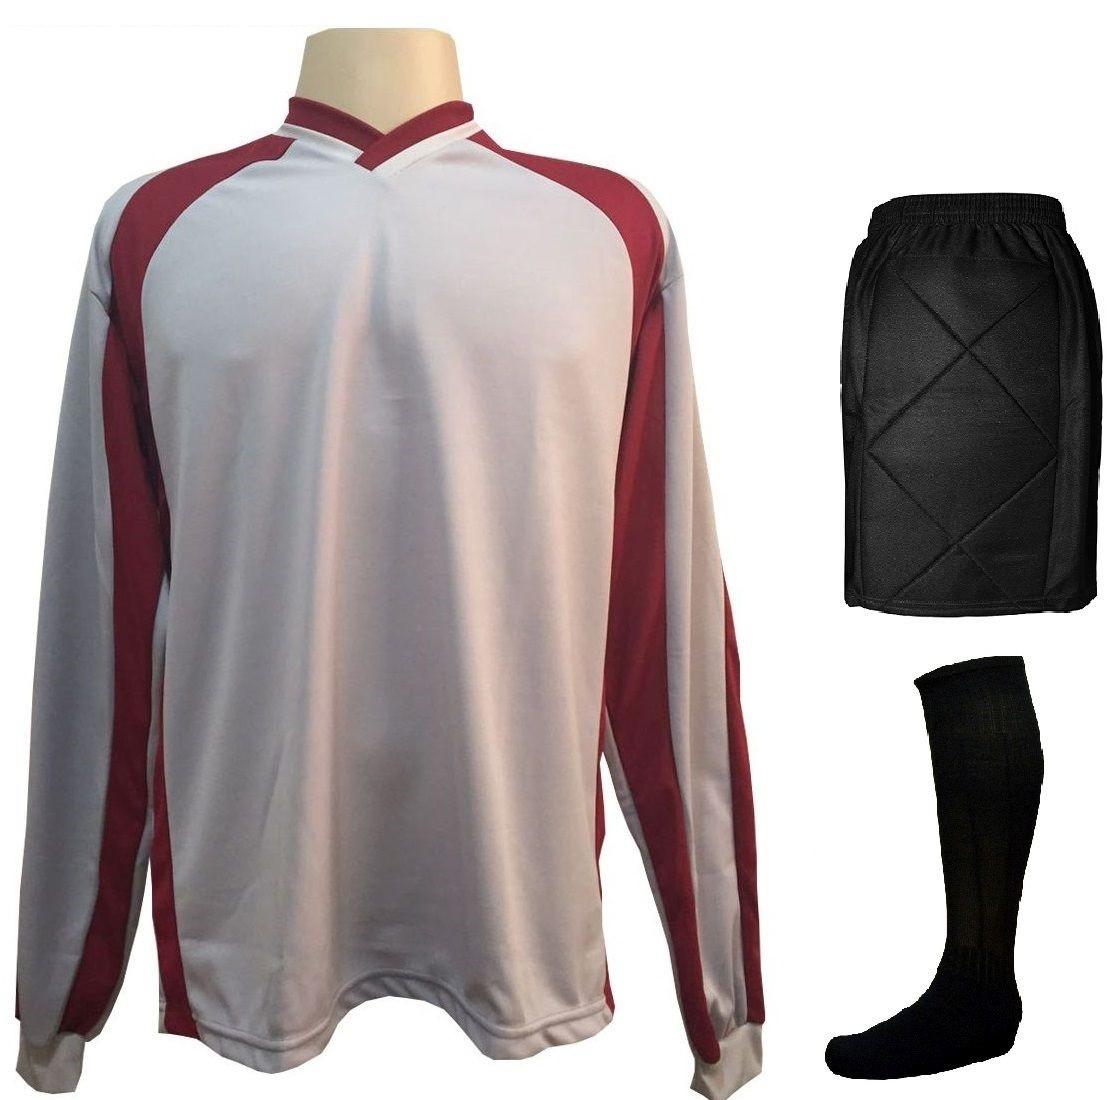 Fardamento Completo modelo City 12+1 (12 Camisas Marinho/Royal + 12 Calções Madrid Royal + 12 Pares de Meiões Marinho + 1 Conjunto de Goleiro) + Brindes